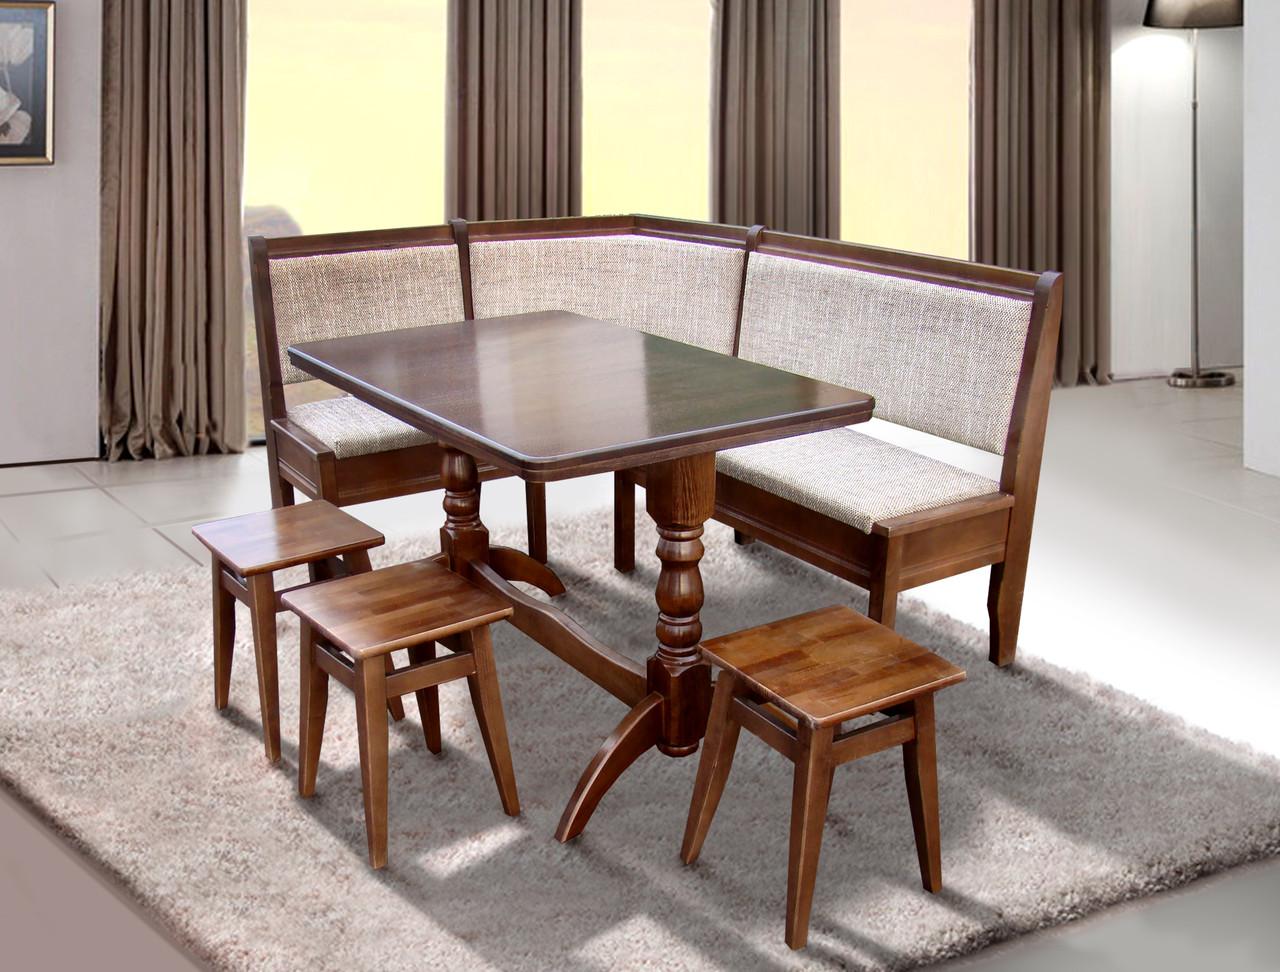 Комплект Семейный (уголок + стол + 3 табурета) Орех/Берлин 03 (Микс-Мебель ТМ)